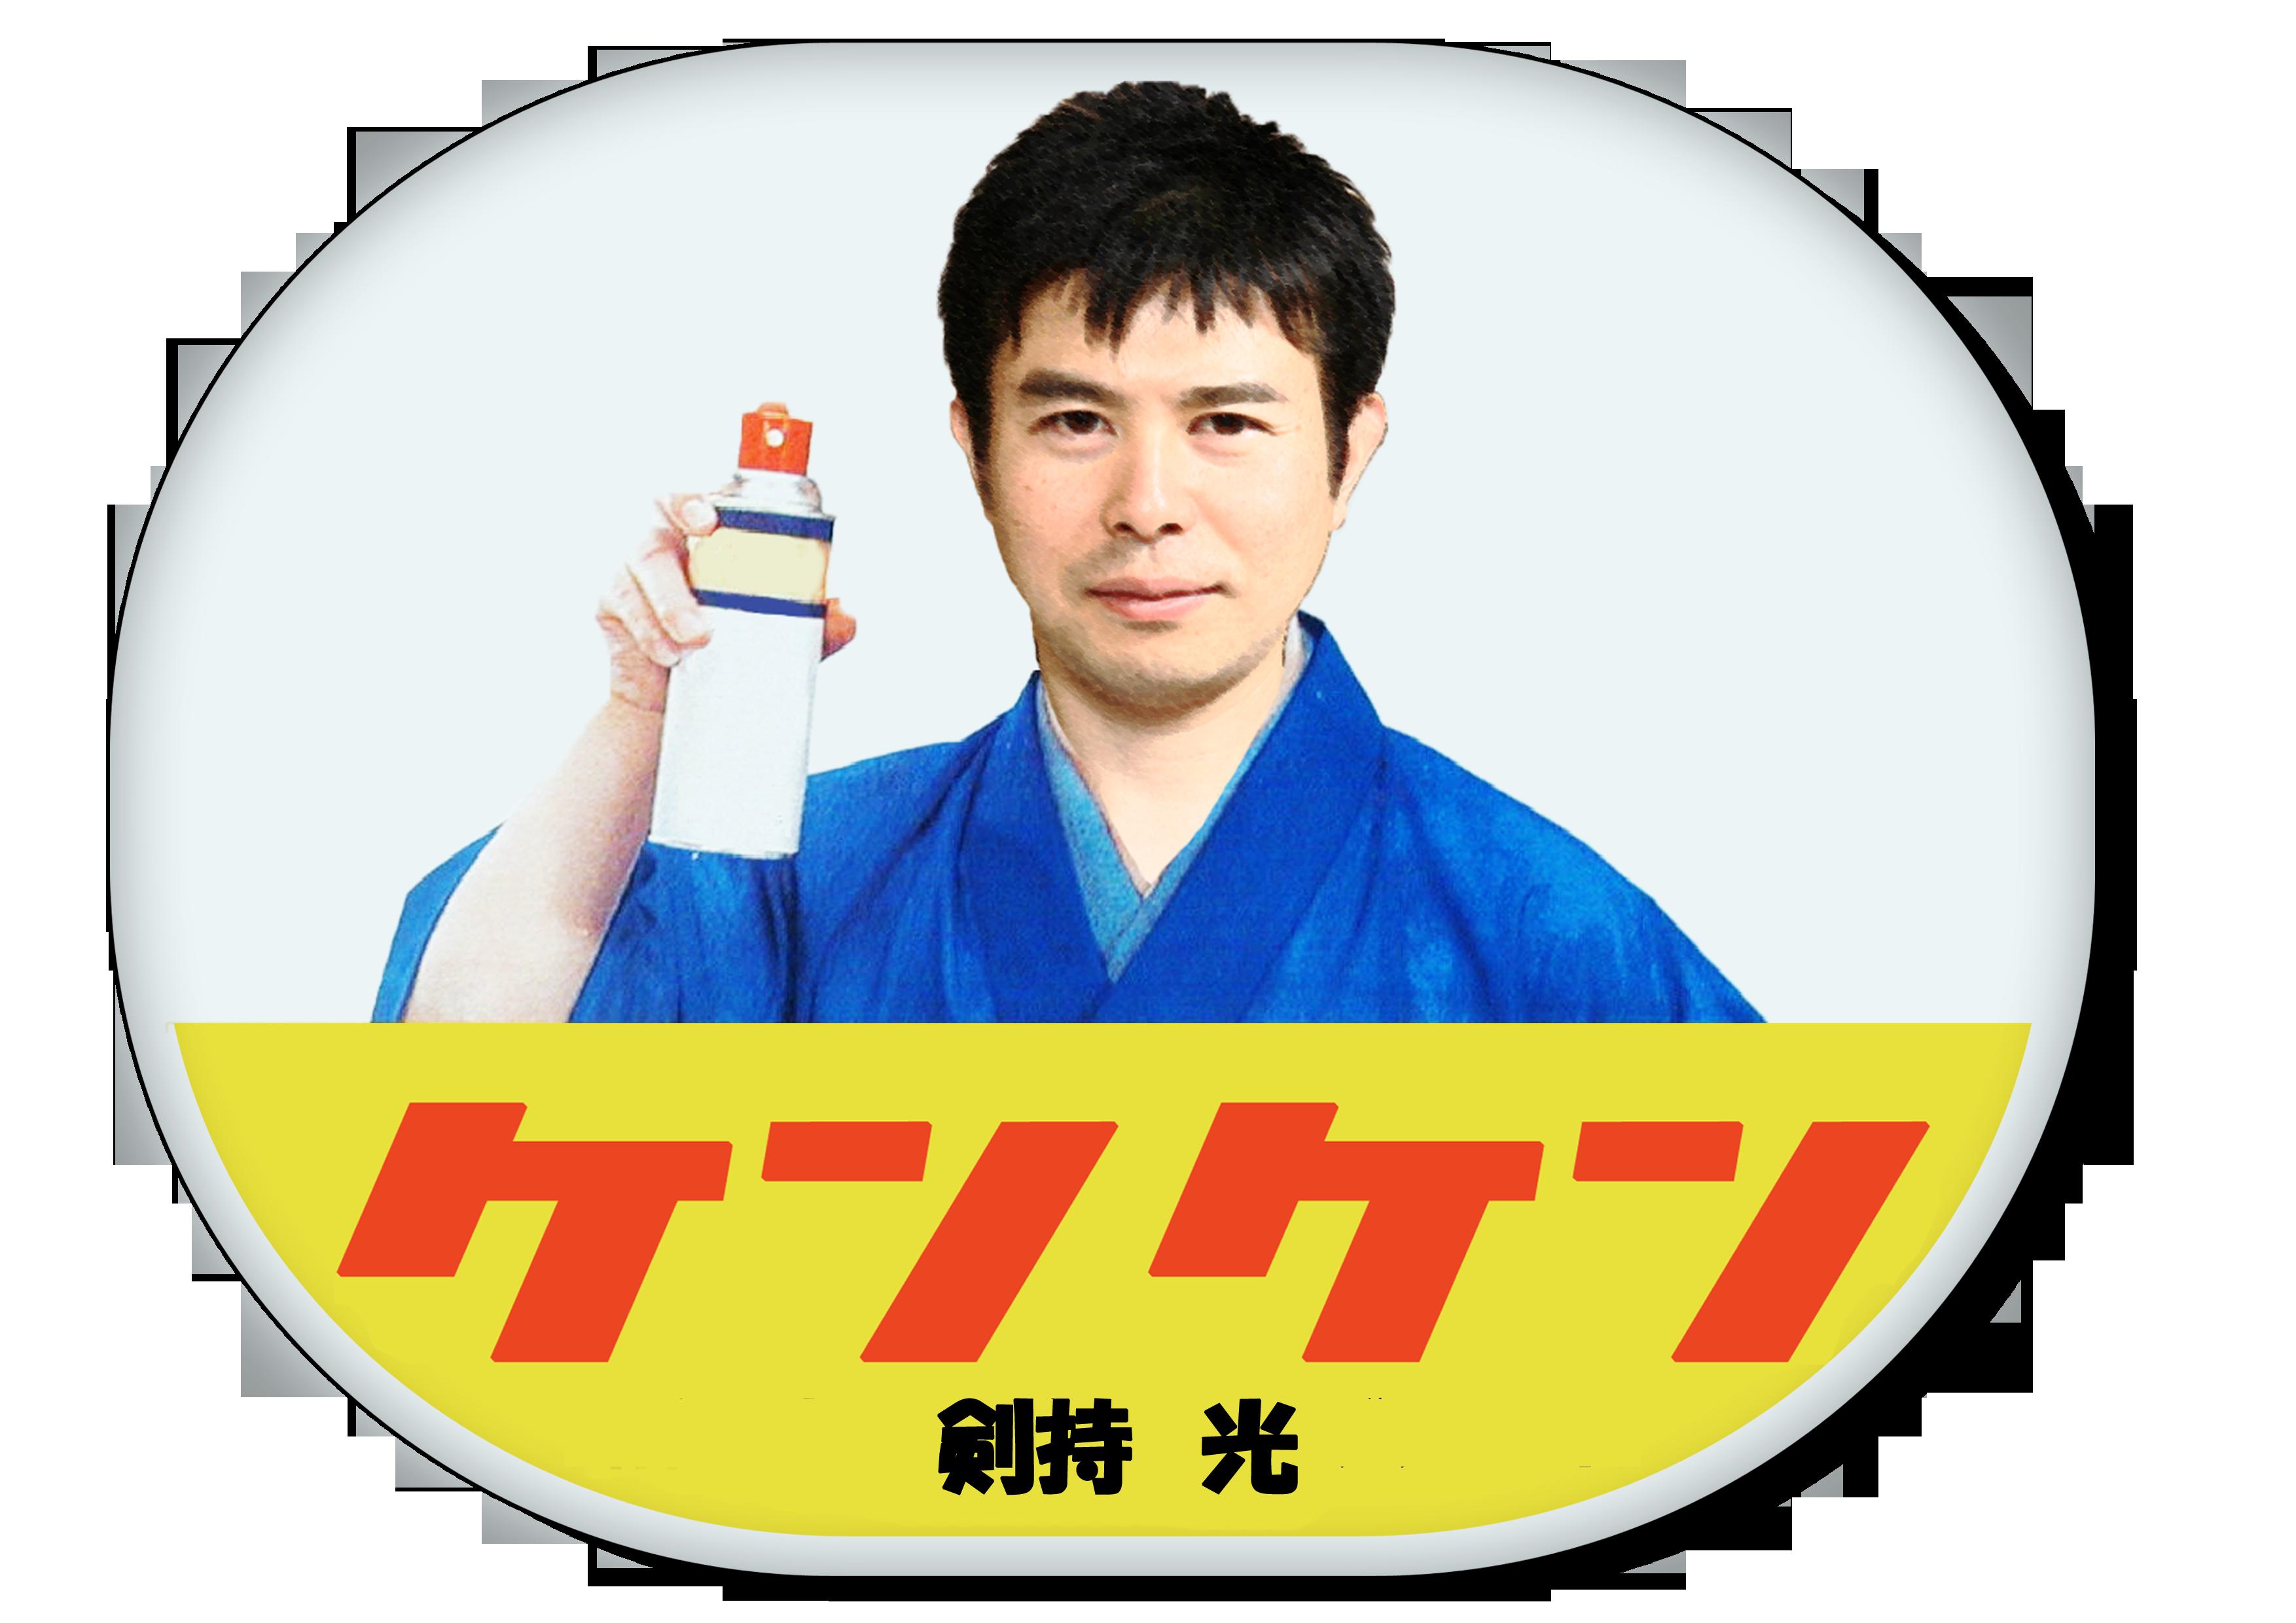 """""""声帯模写""""と""""イラスト""""で昭和のTV・映画をふり返るインターネット番組"""